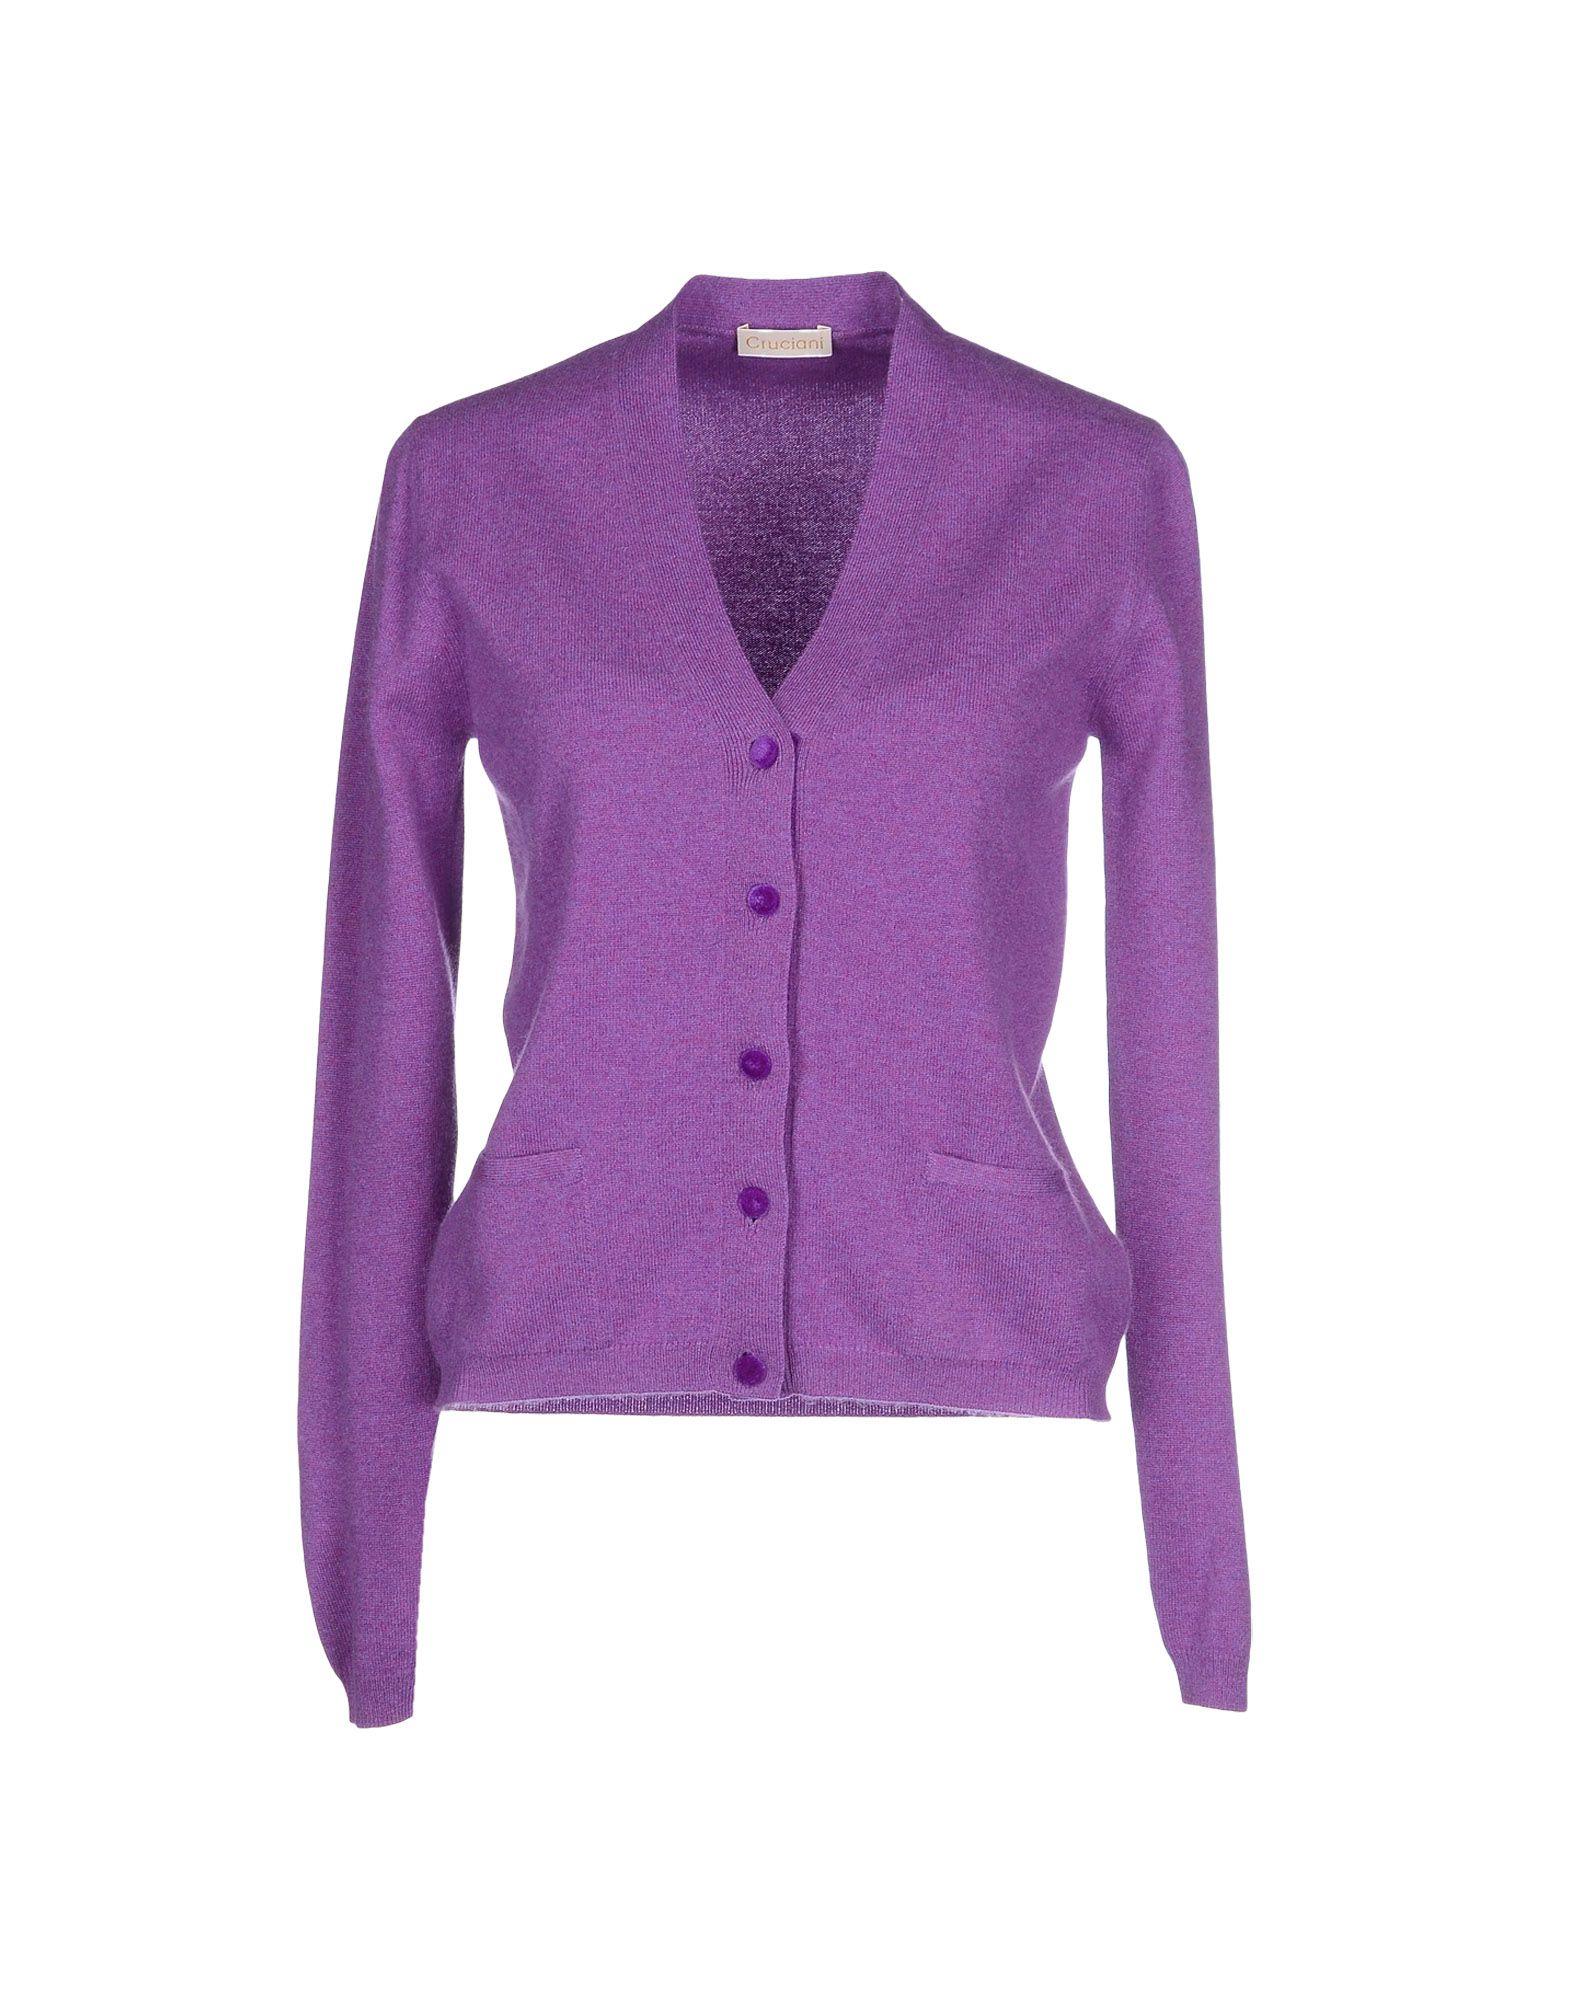 Lyst - Cruciani Cardigan in Purple